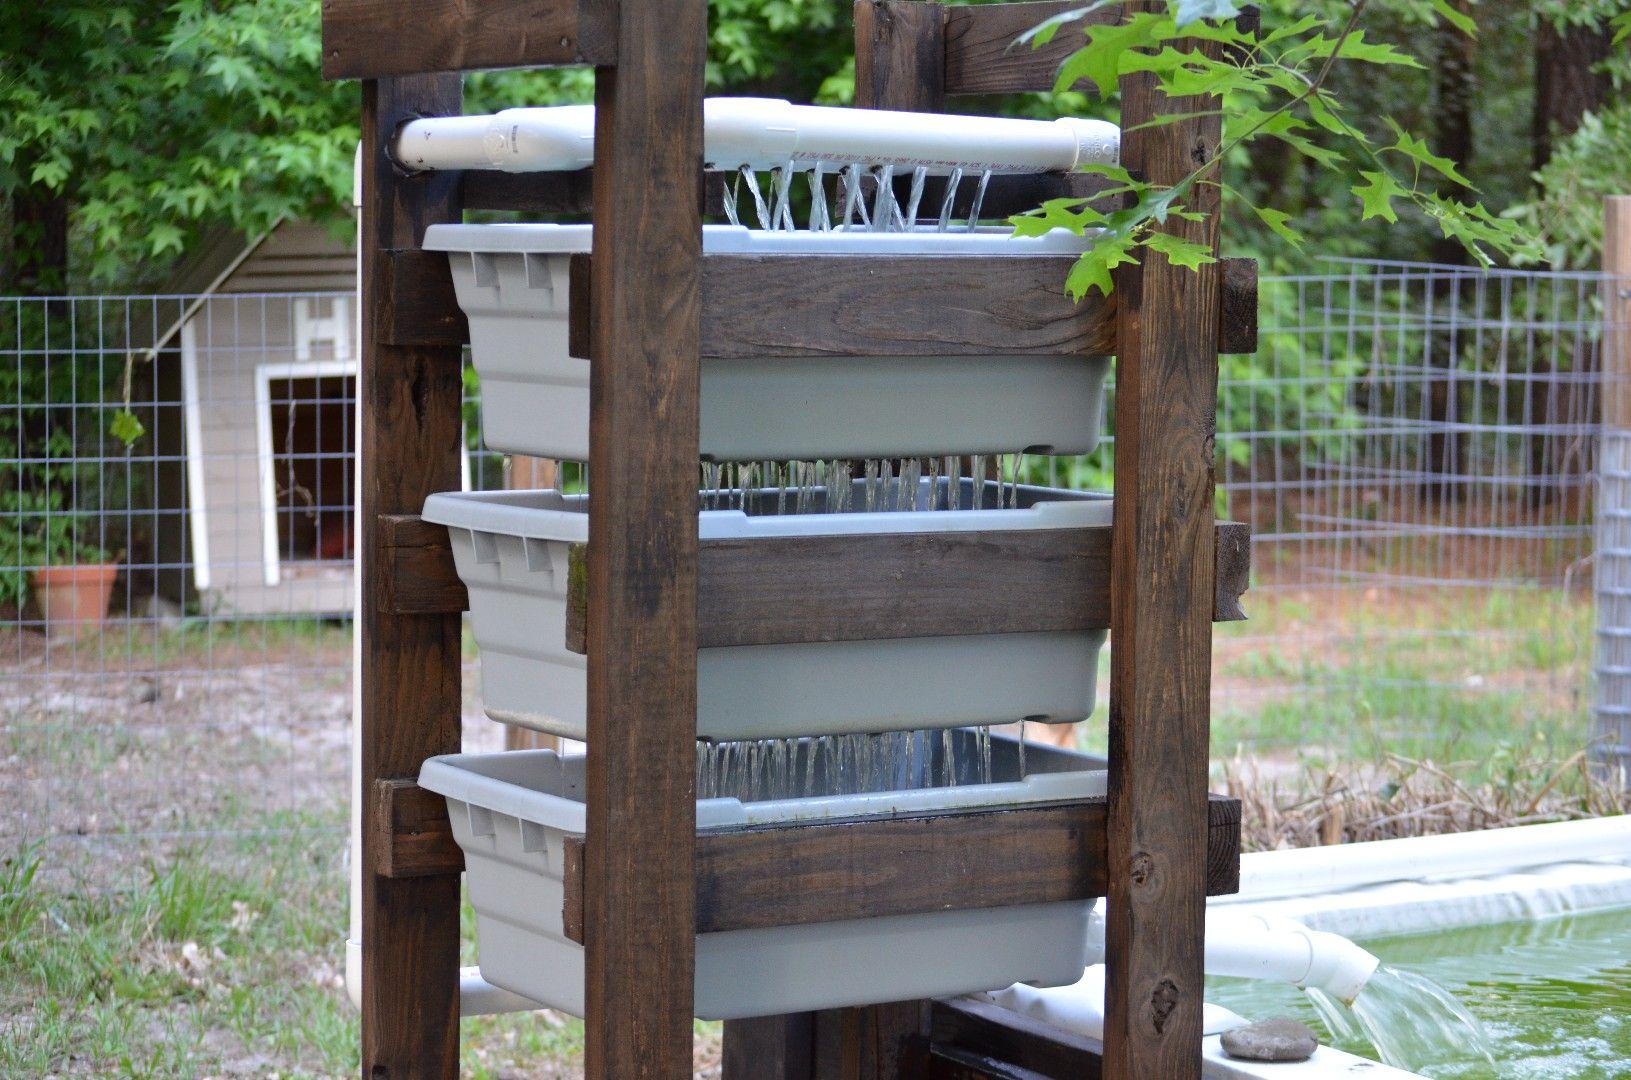 Building a bakki shower diy trickle filter diy shower